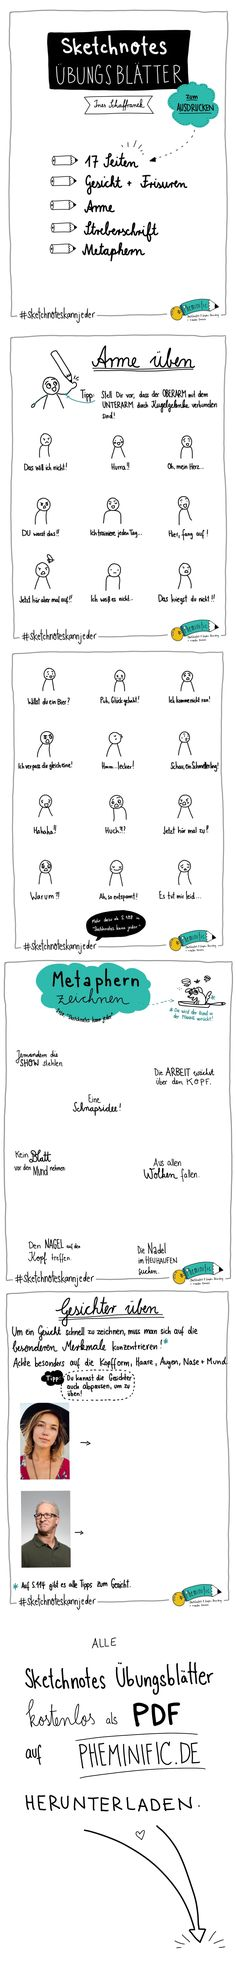 Sketchnotes Übungsblätter von Ines Schaffranek auf pheminific.de  Ausdrucken und loskritzeln!